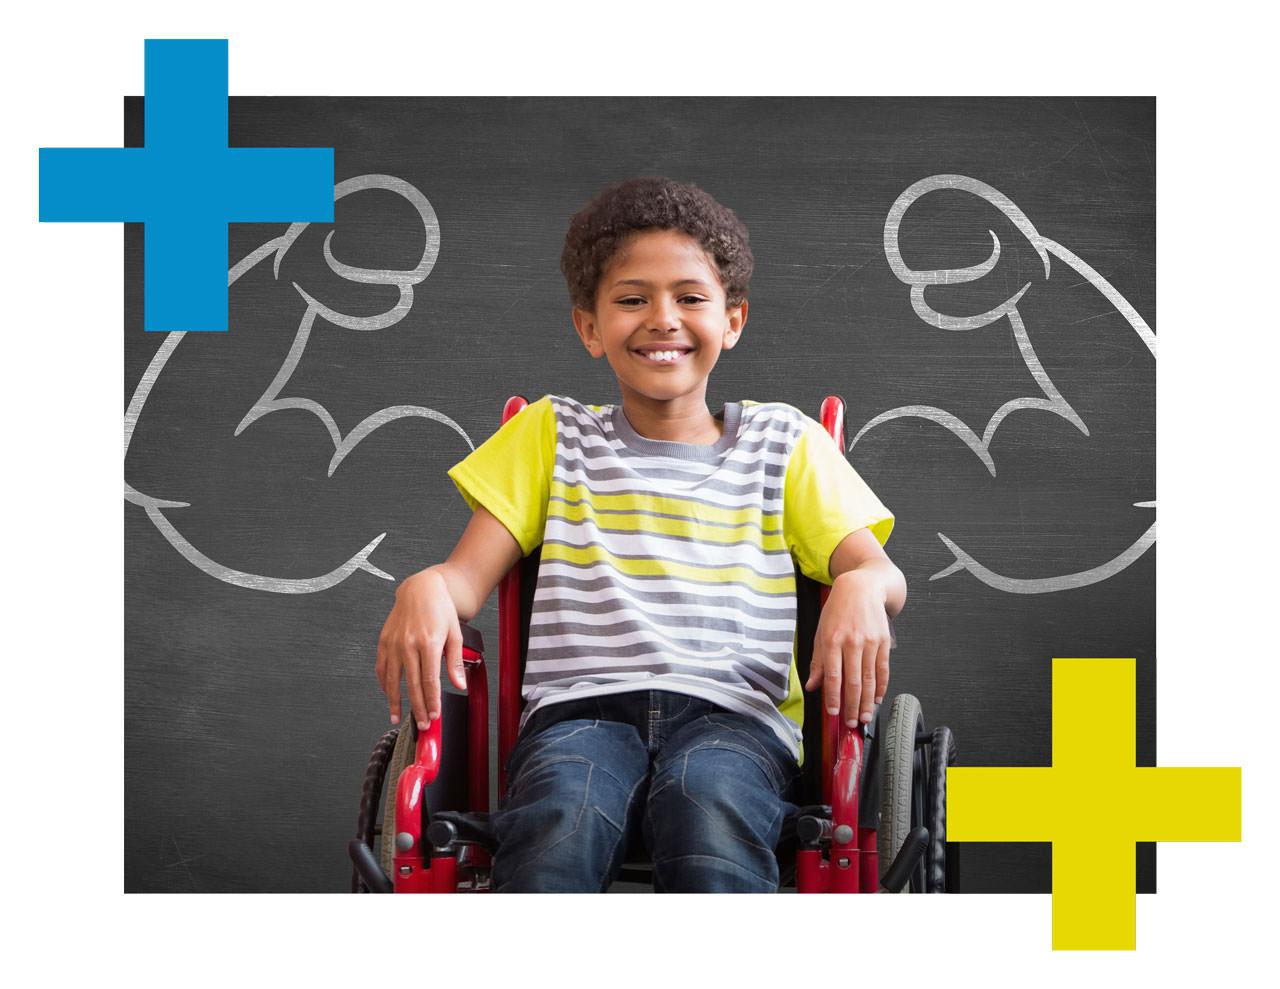 fauteuil roulant Gard, fauteuil roulant électrique Gard, fauteuil roulant manuel Gard, scooter Gard, fauteuils coquilles Gard, matériel de mobilité Gard, maintien à domicile Gard